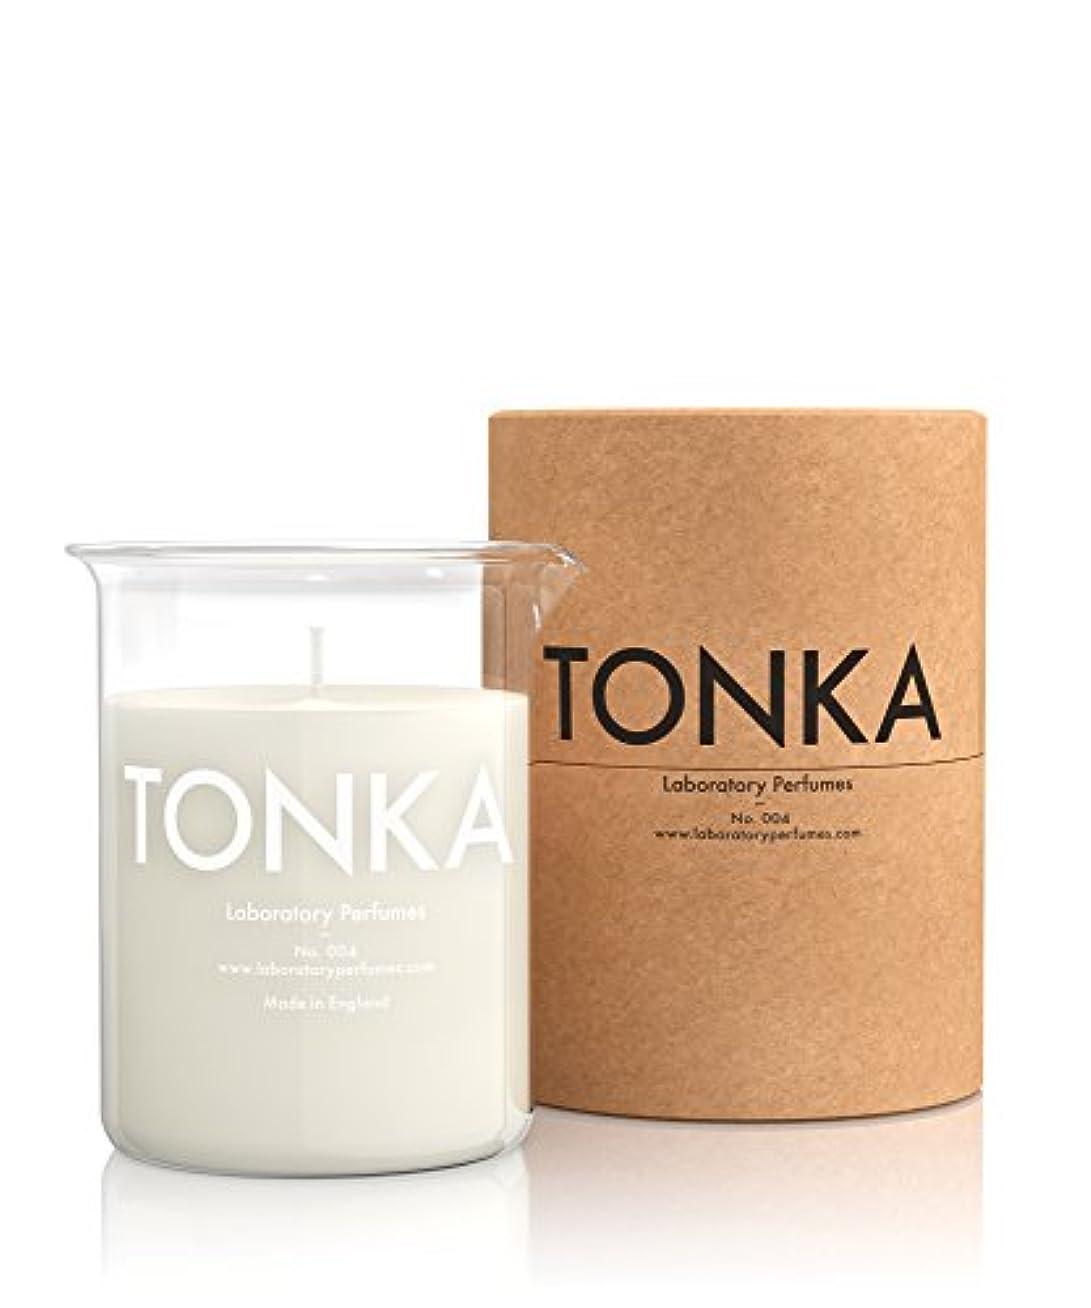 高める妥協谷Labortory Perfumes キャンドル トンカ Tonka (アロマティックオリエンタル Aromatic Oriental) Candle ラボラトリー パフューム